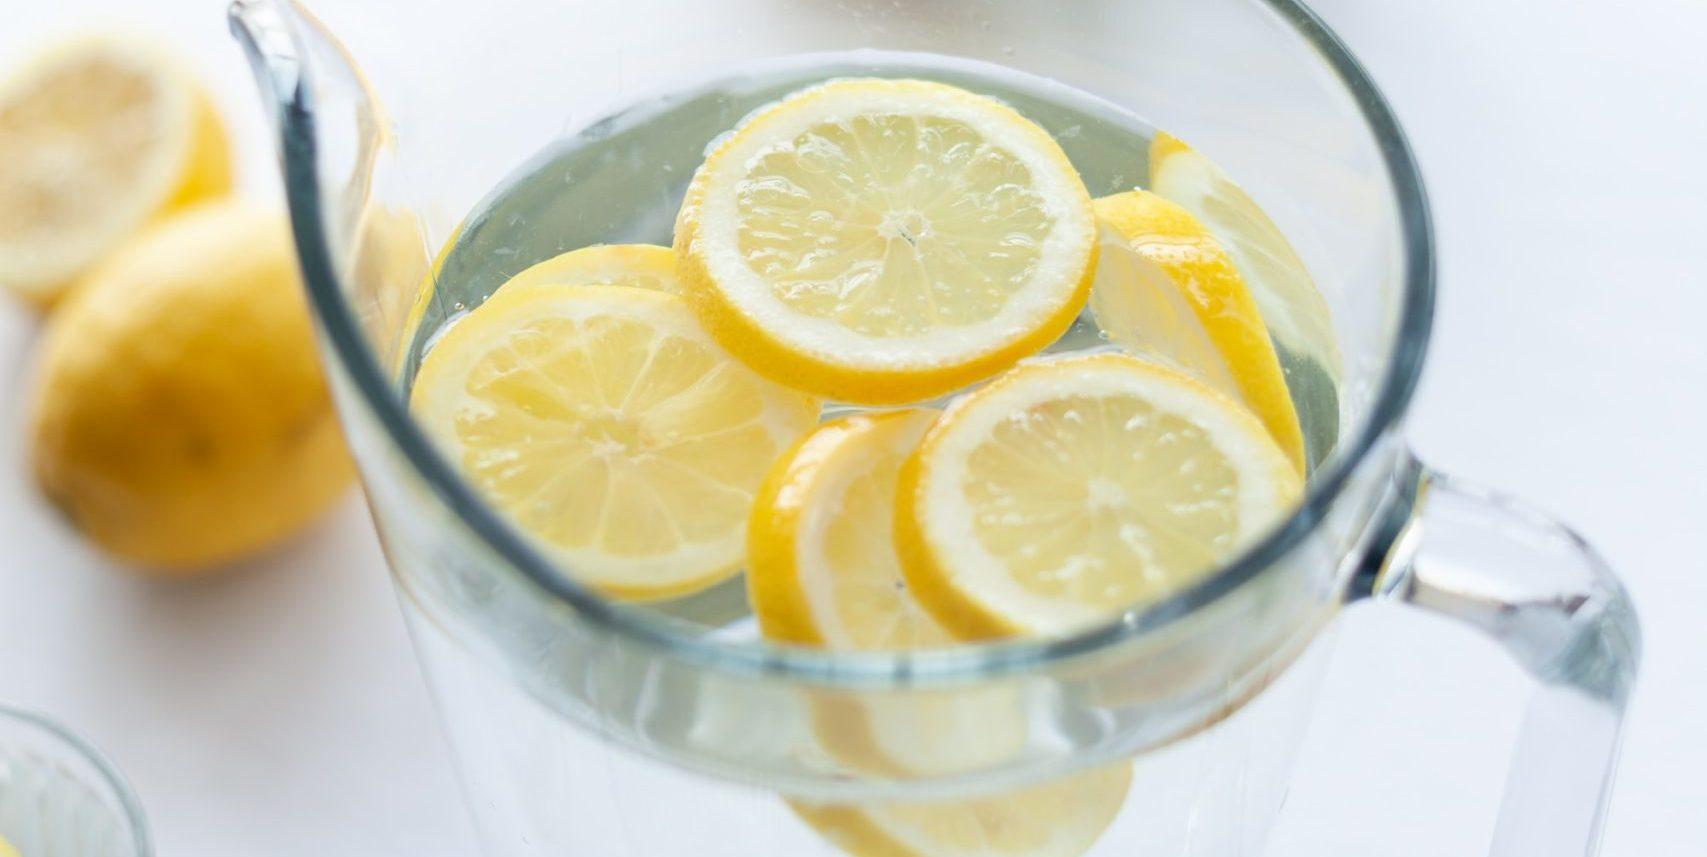 picie wody z cytryną